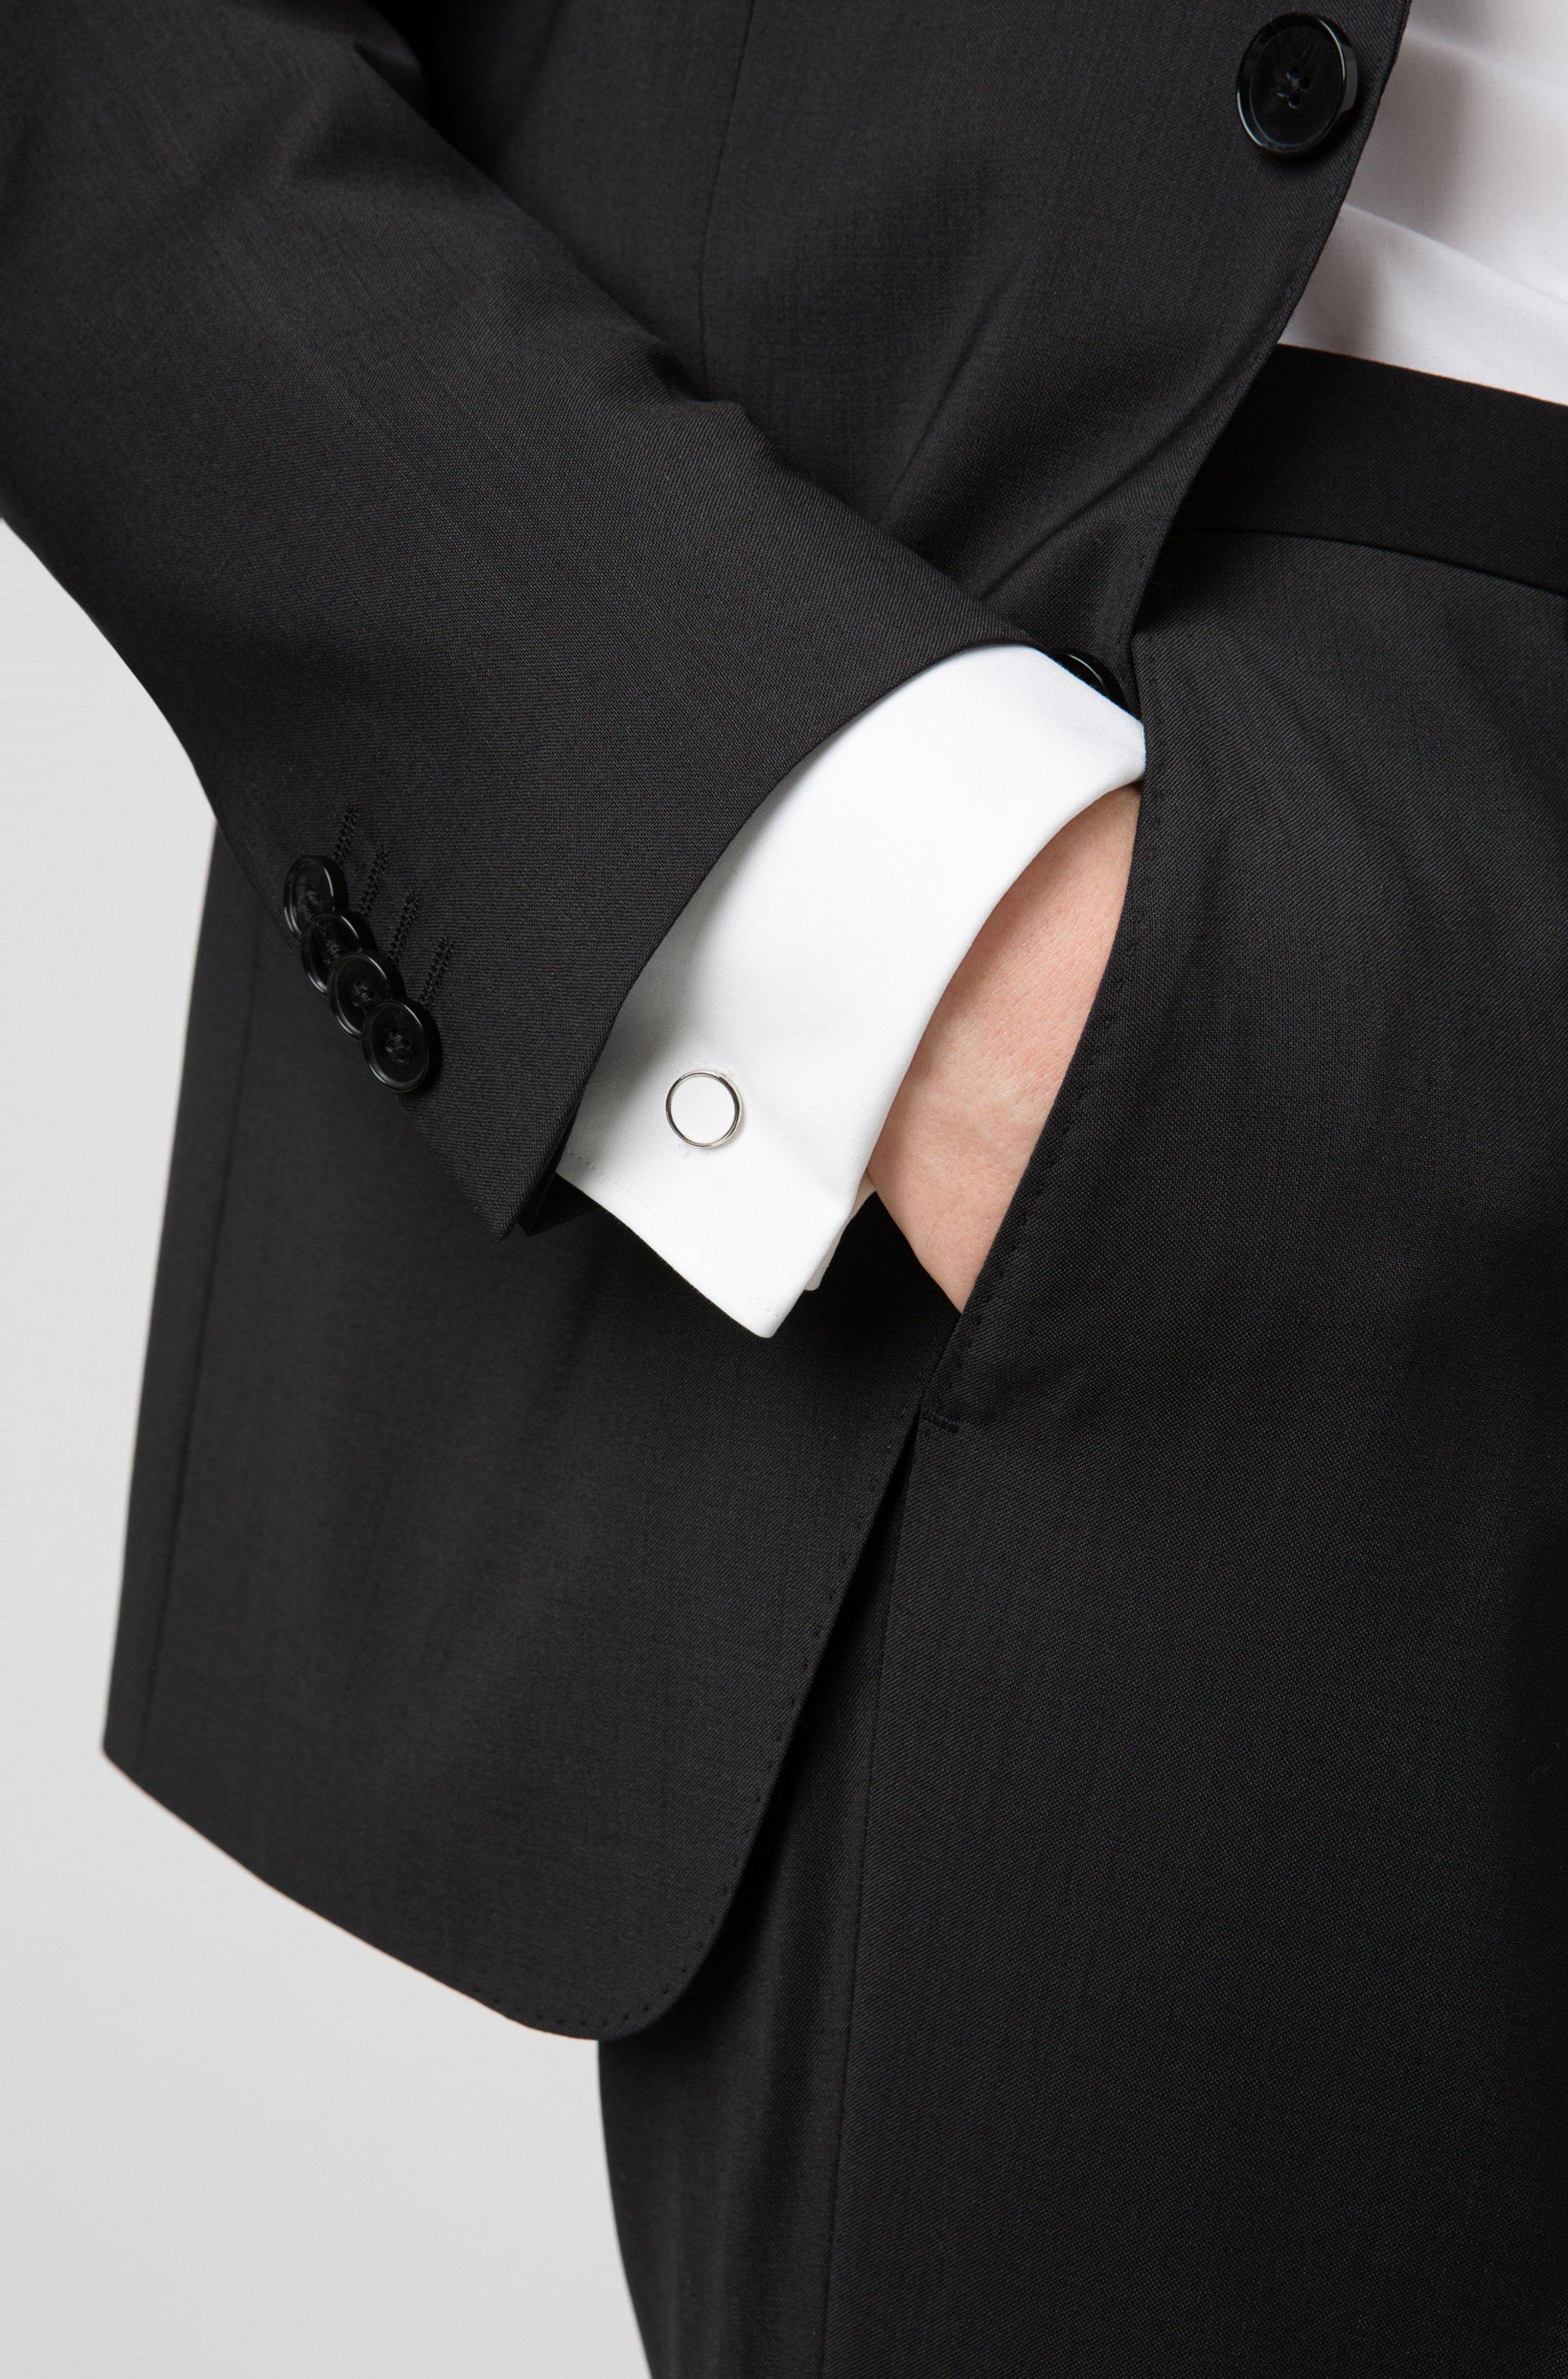 Round cufflinks with enamel detail